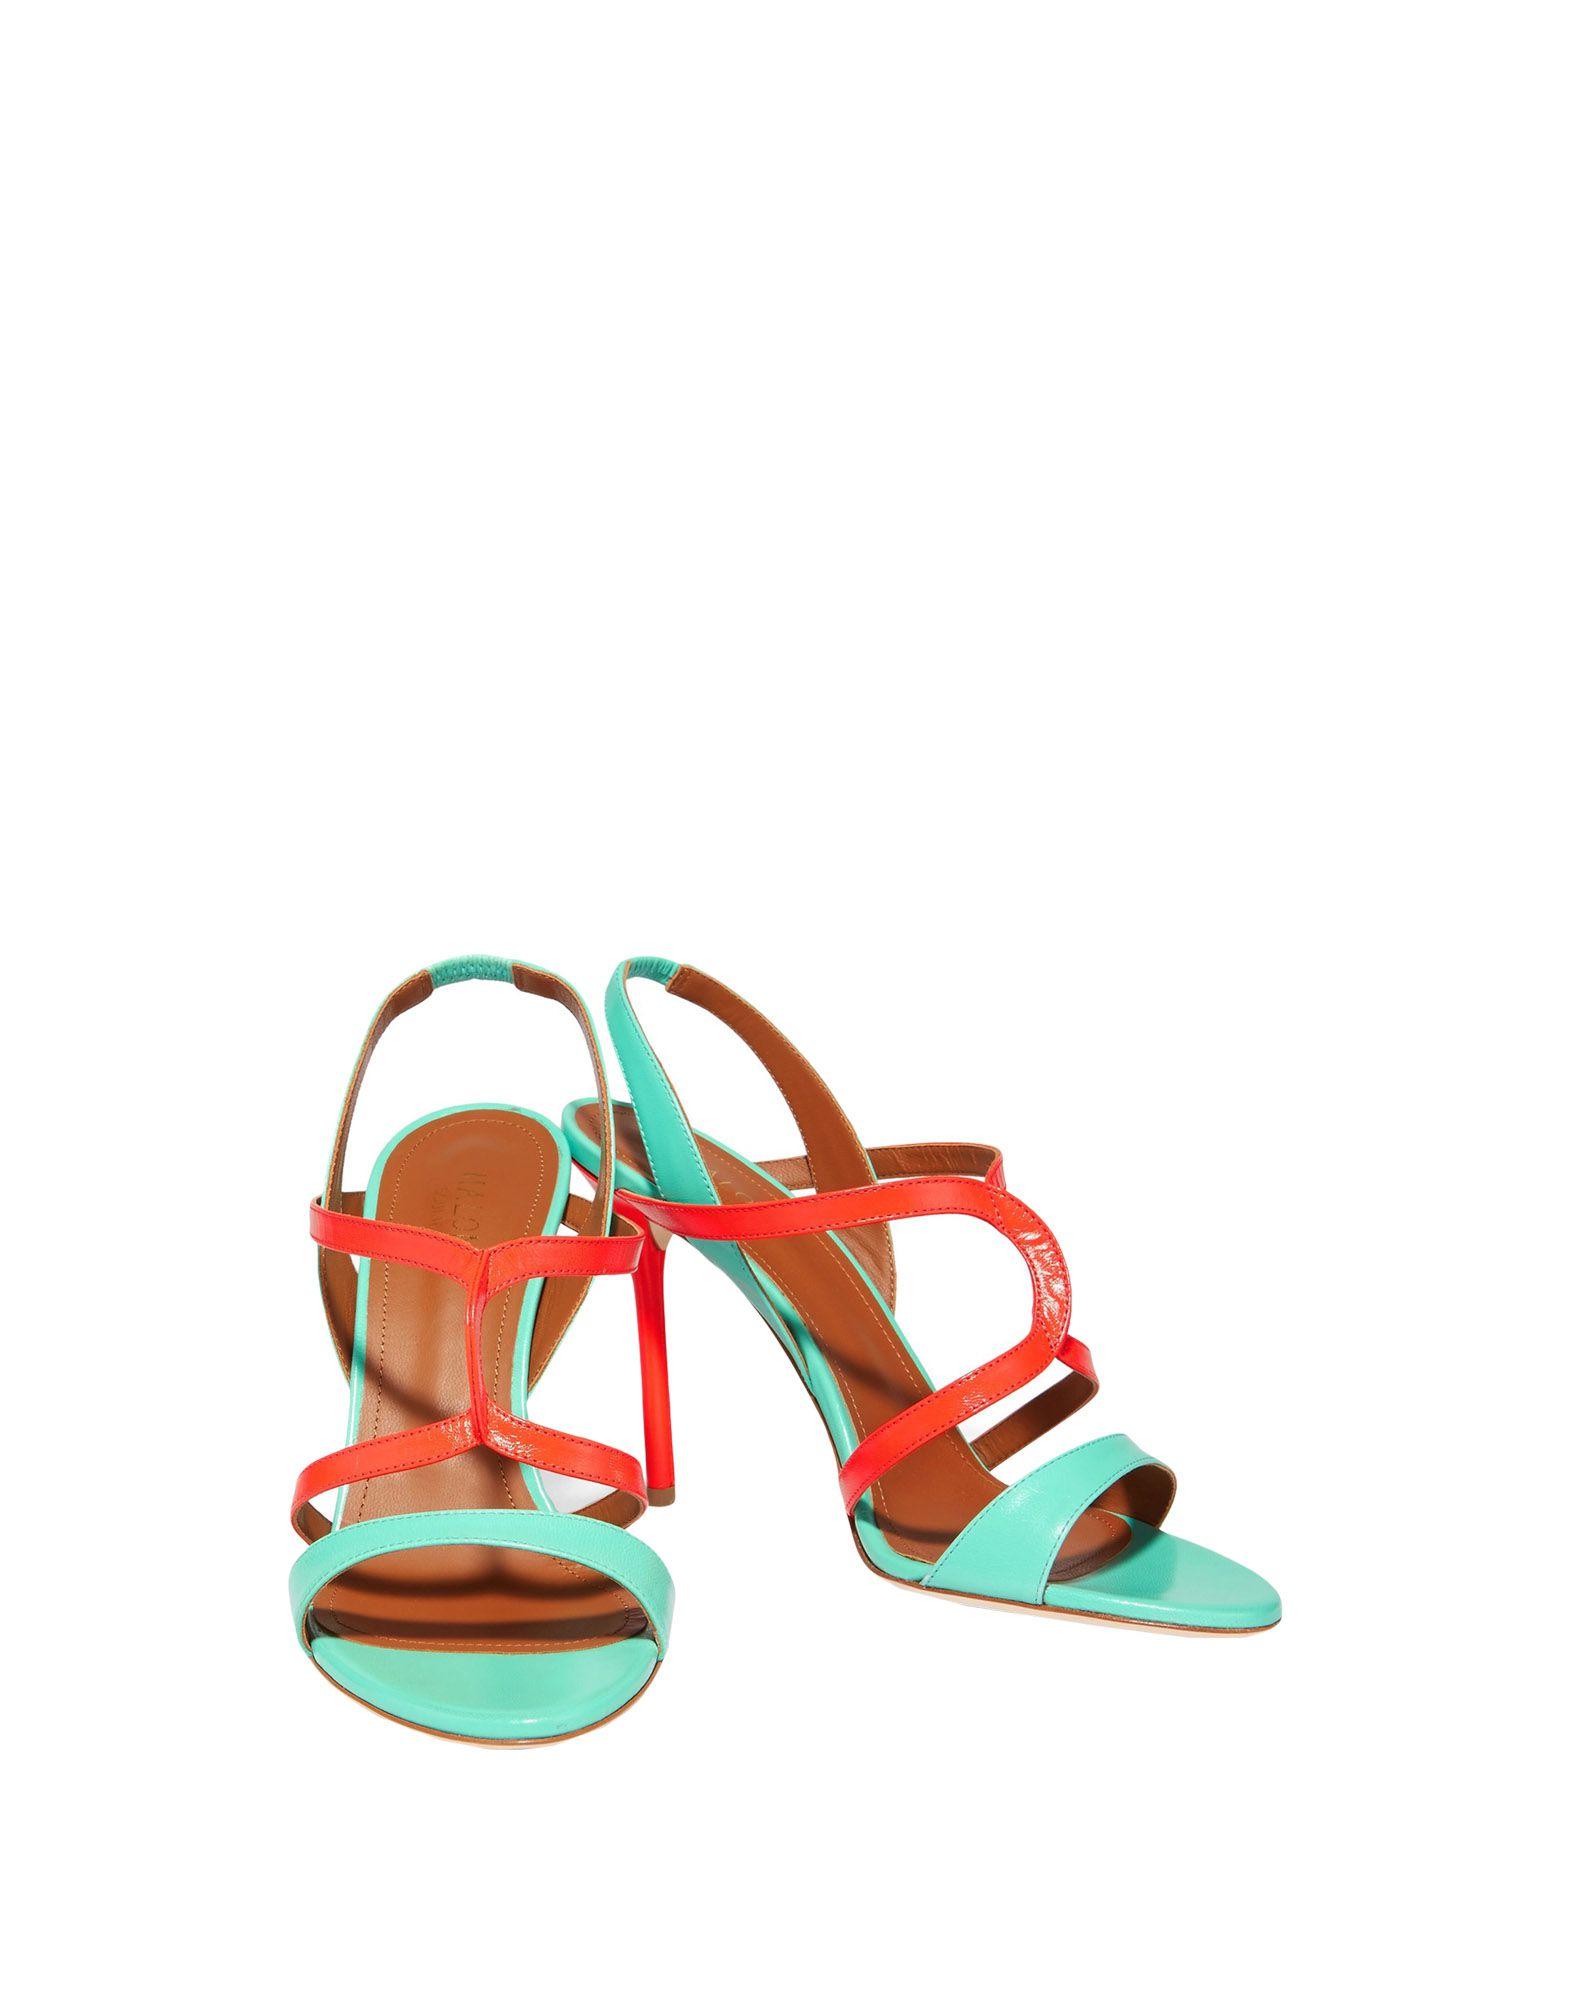 Malone Malone Souliers Sandals - Women Malone Malone Souliers Sandals online on  United Kingdom - 11514086KD 52a721